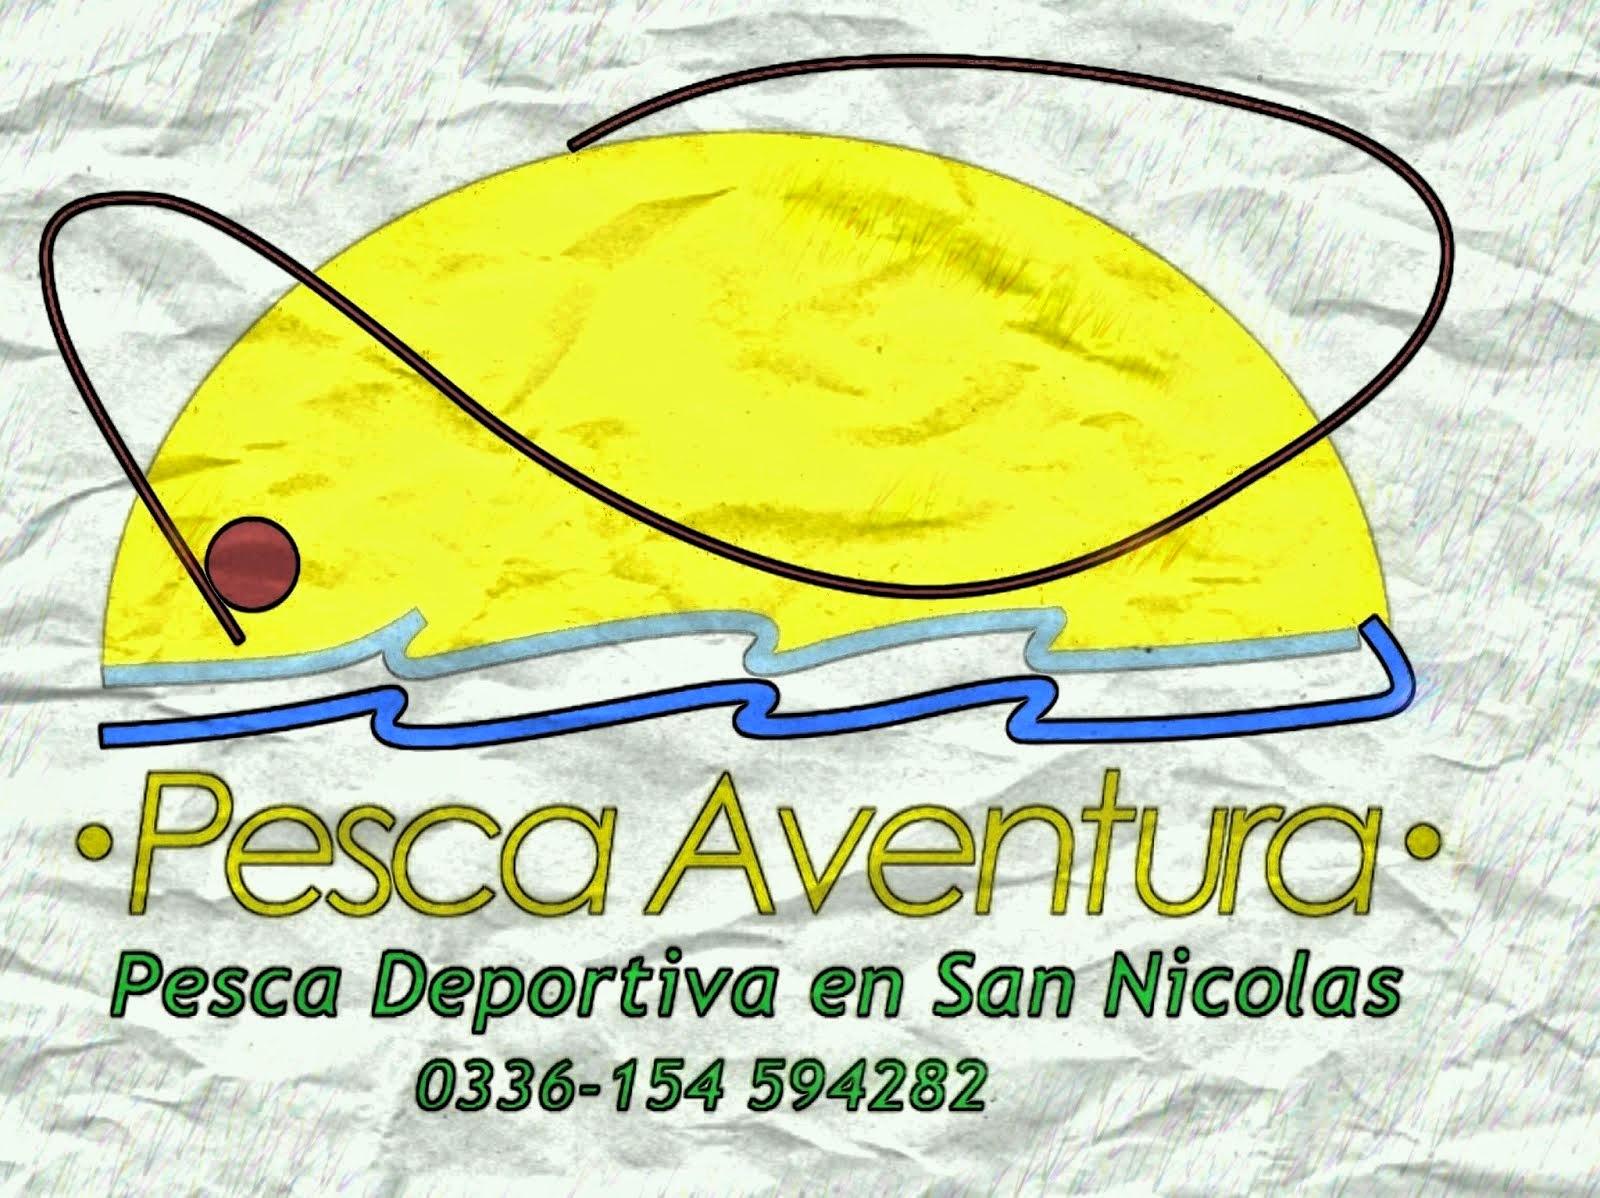 Pesca Deportiva en San Nicolas